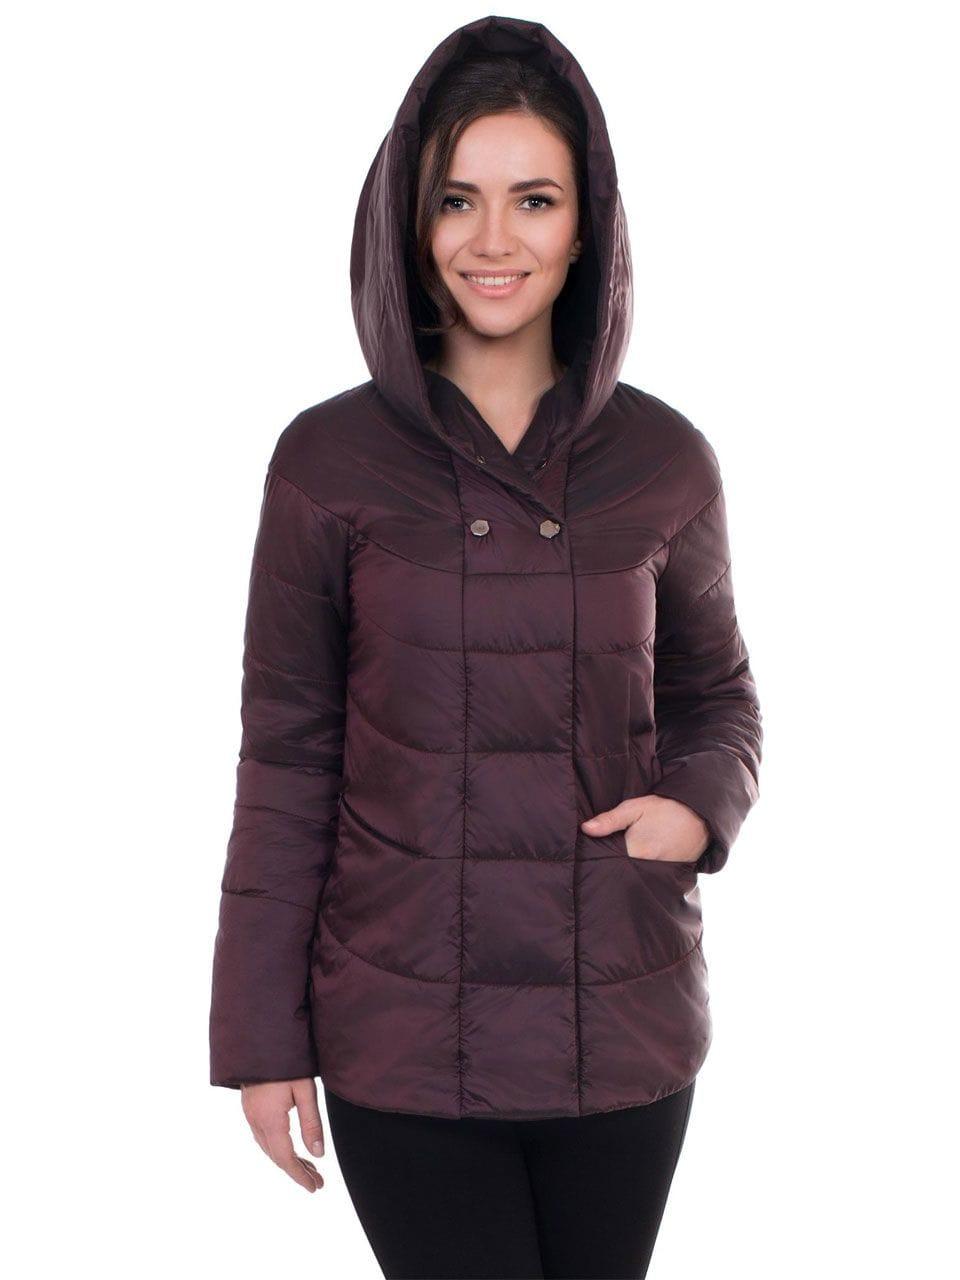 Стильная весенняя женская куртка цвета баклажан J-Splash